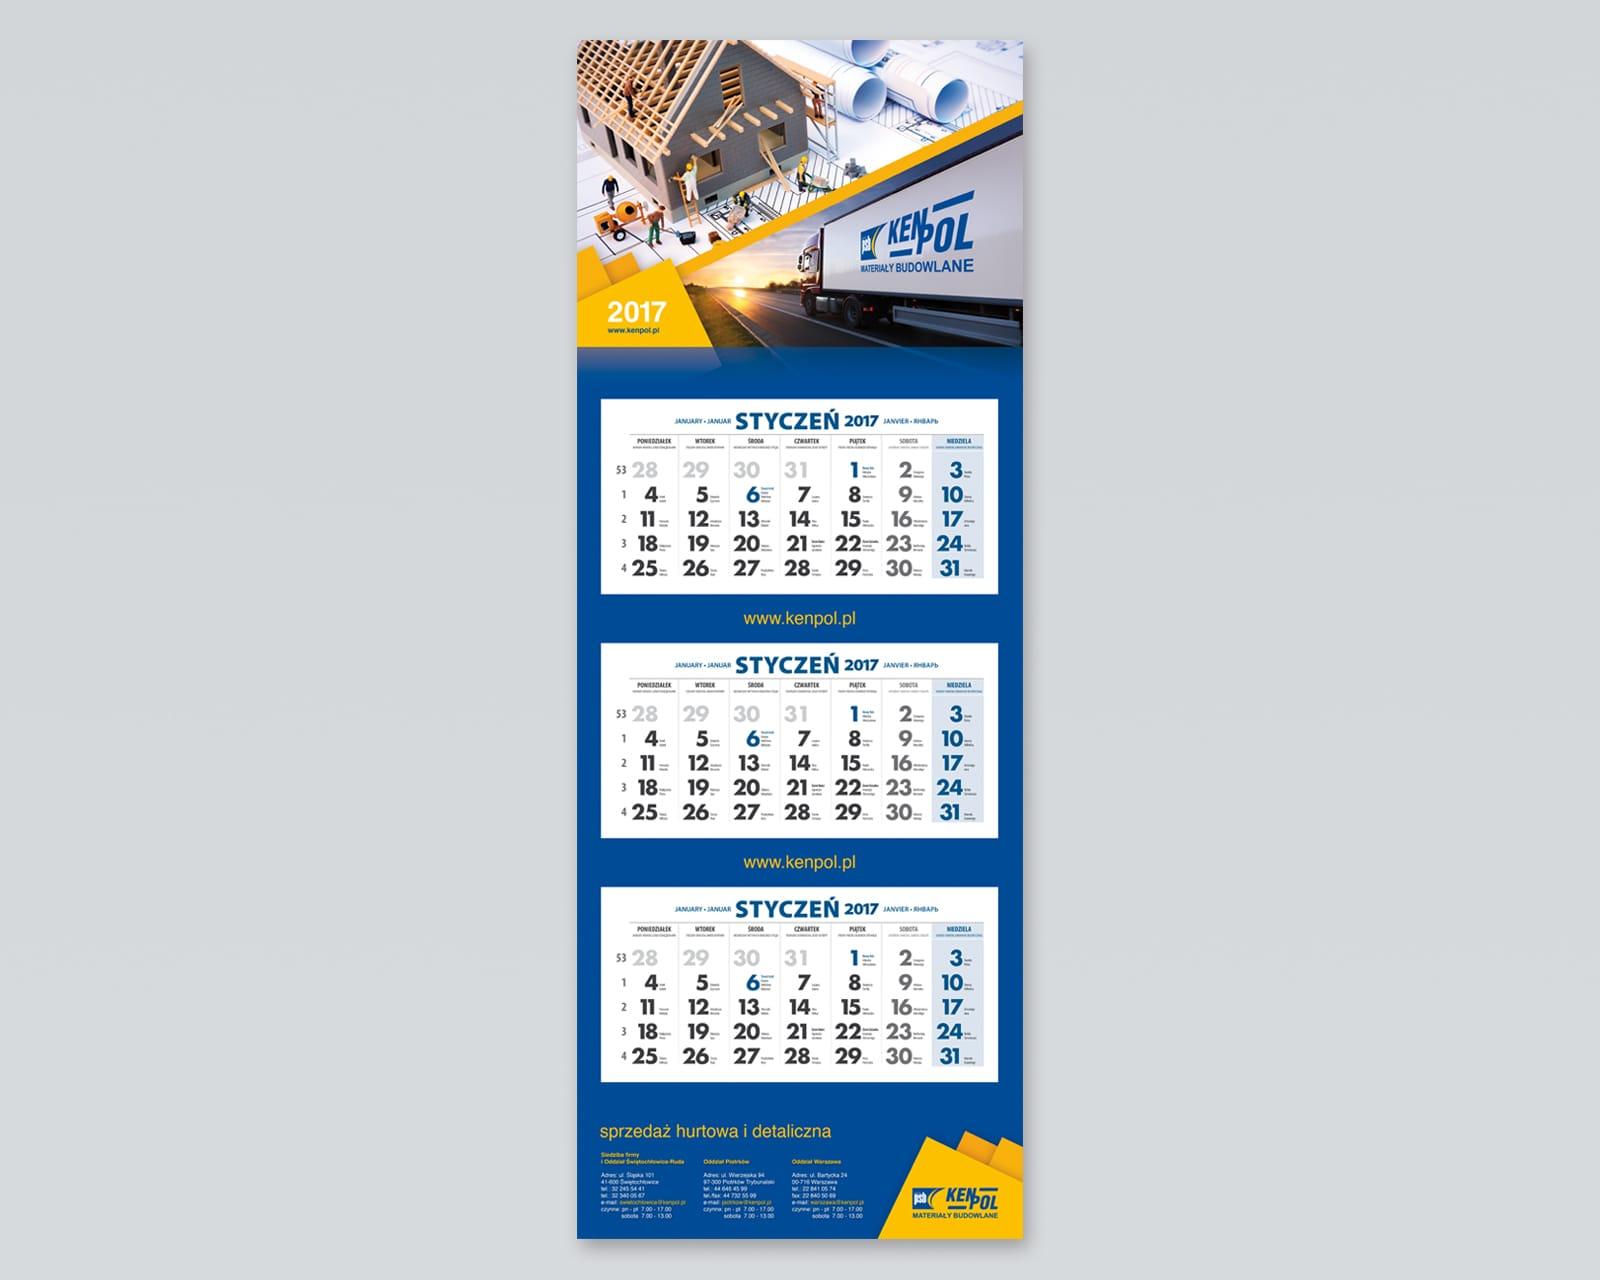 Kenpol kalendarz trojdzielny 2017 Agencja brandingowa Moweli Creative